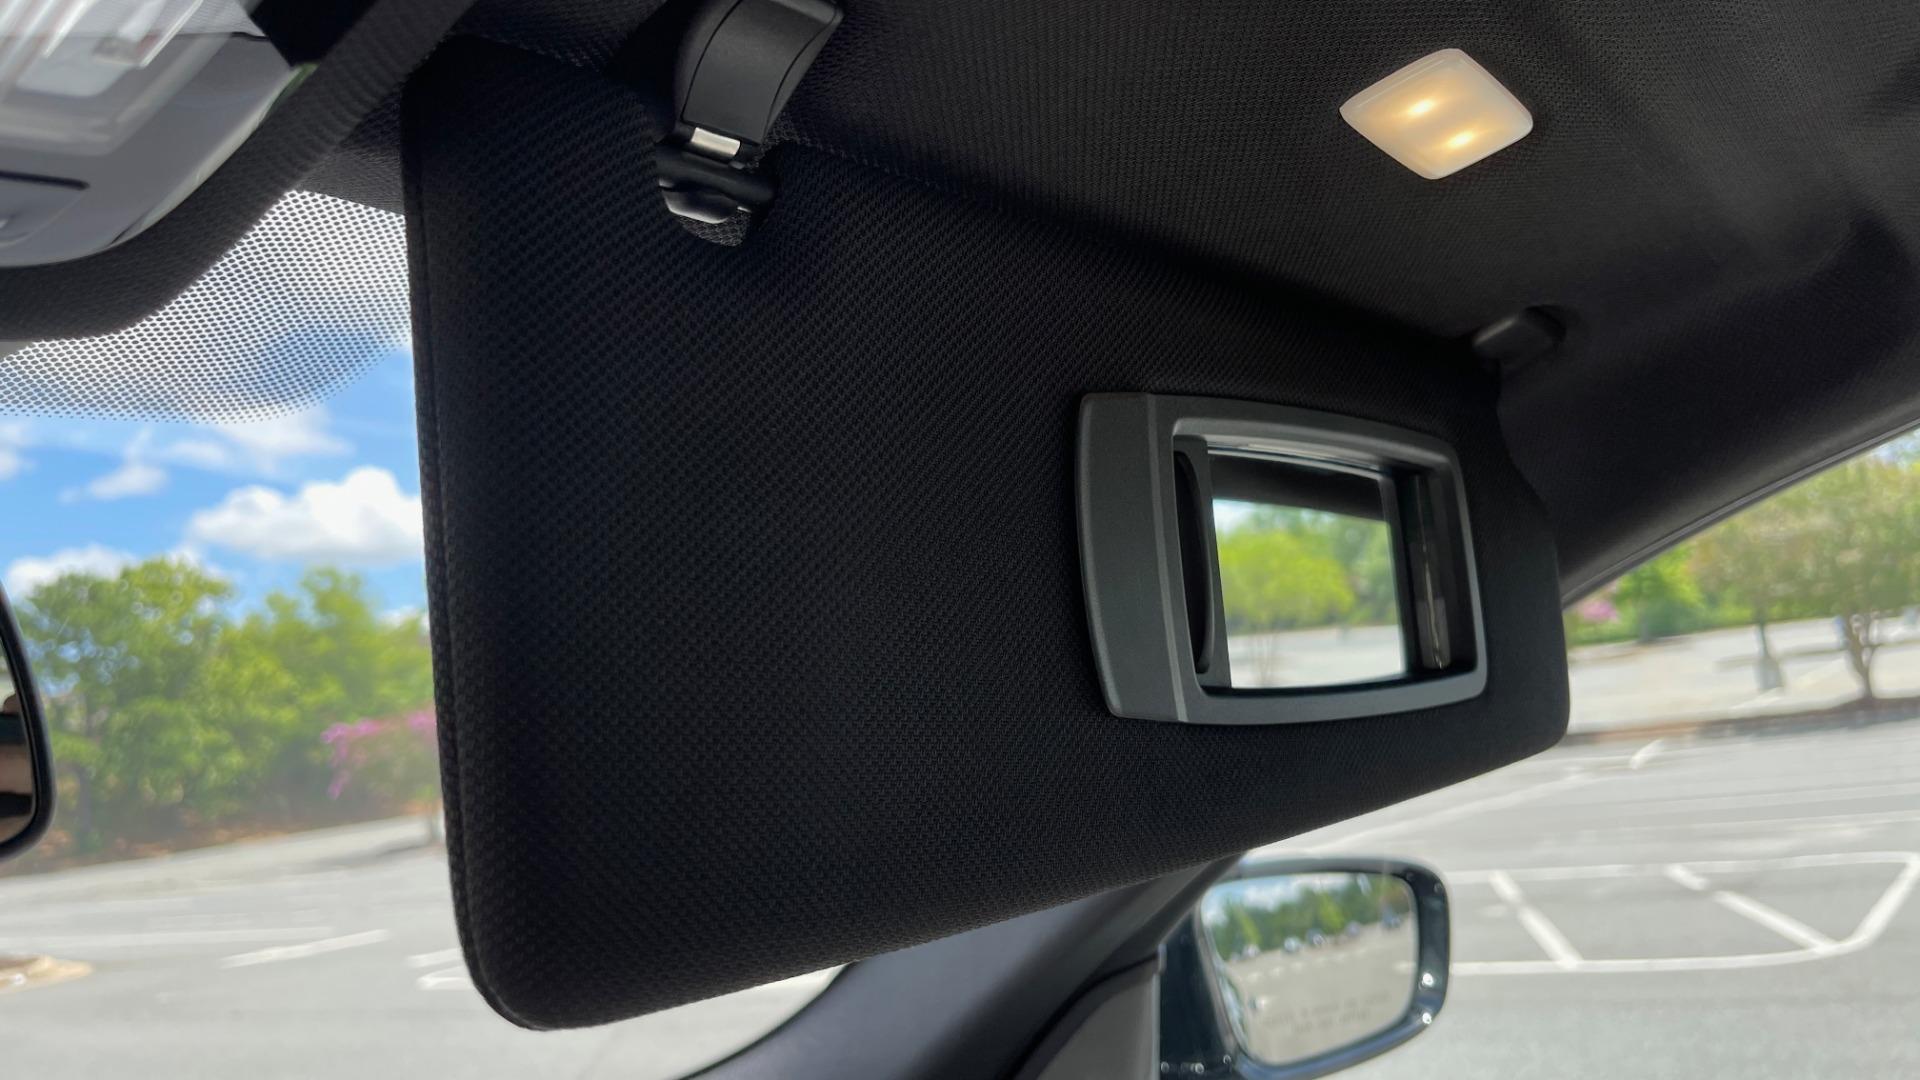 Used 2018 BMW 5 SERIES 540I M-SPORT / EXECUTIVE PKG / DRVR ASST PKG / BLIND SPOT / LANE DEPART for sale $40,995 at Formula Imports in Charlotte NC 28227 48